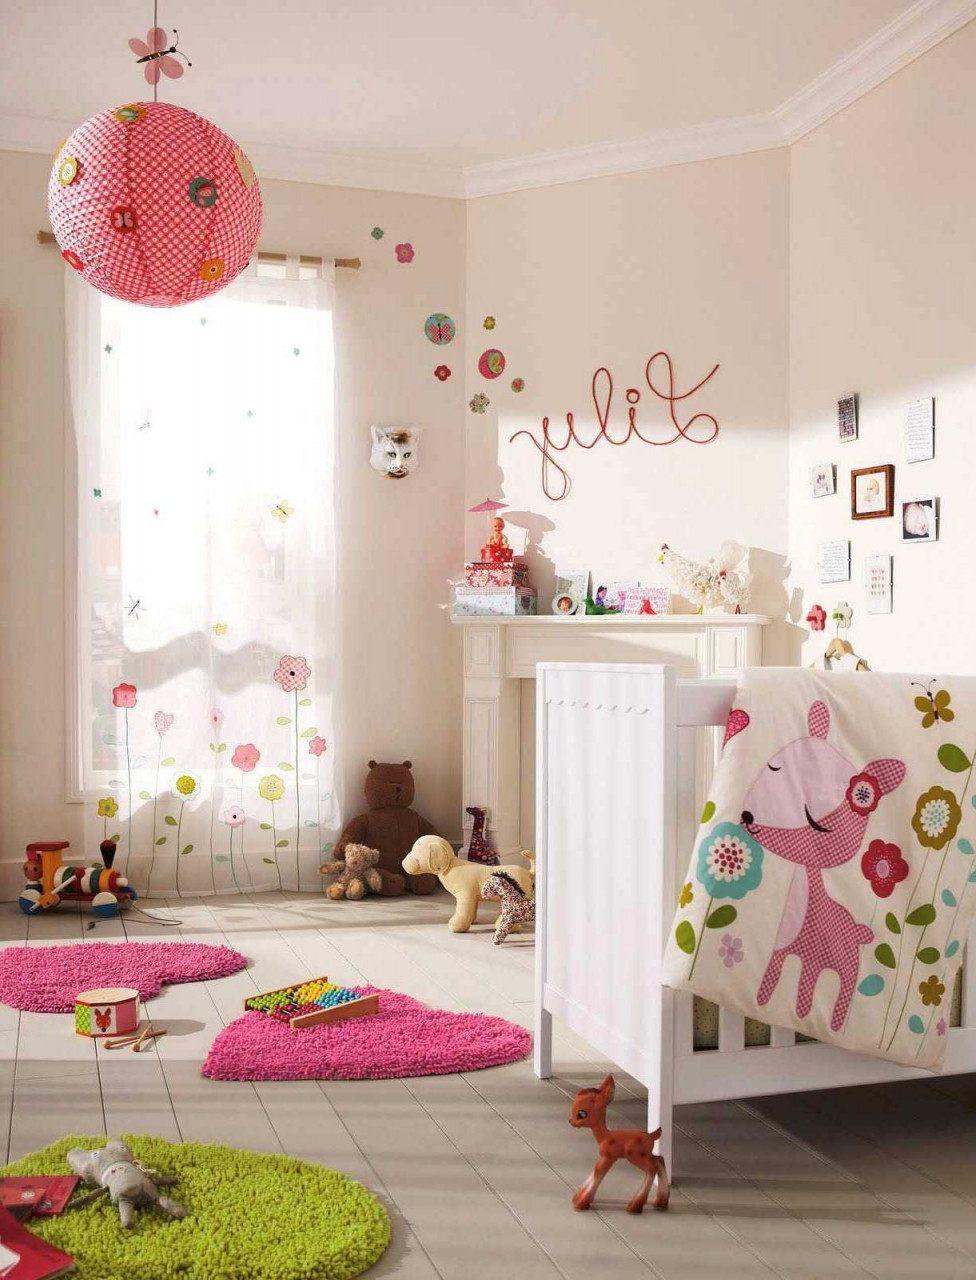 Lit Montessori Bébé 9 Mois Le Luxe 55 Chic Baignoire Bébé 6 Mois